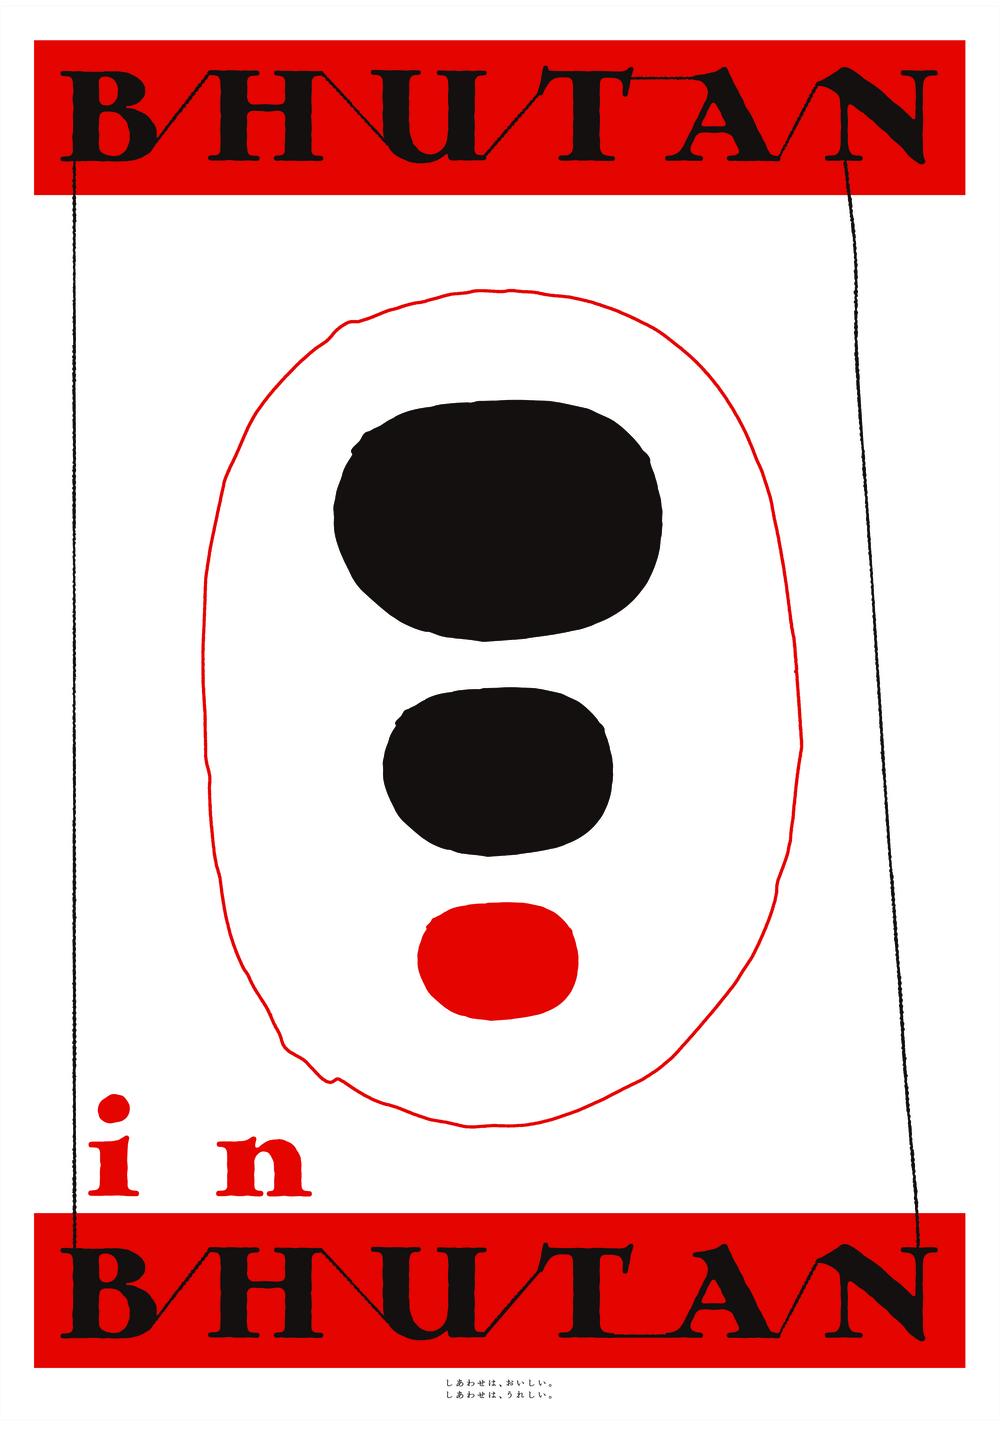 """""""しあわせの国""""ブータンの文化を体感できる社会貢献活動「BHUTAN in BHUTAN」発足第一弾となる『日本橋 街大學 知るカフェ ブータンウィーク』が、3月26日(水)から31日(月)まで、日本橋三越本店本館1階の中央ホールにて開催。 http://machidaigaku.jp/bhutan"""